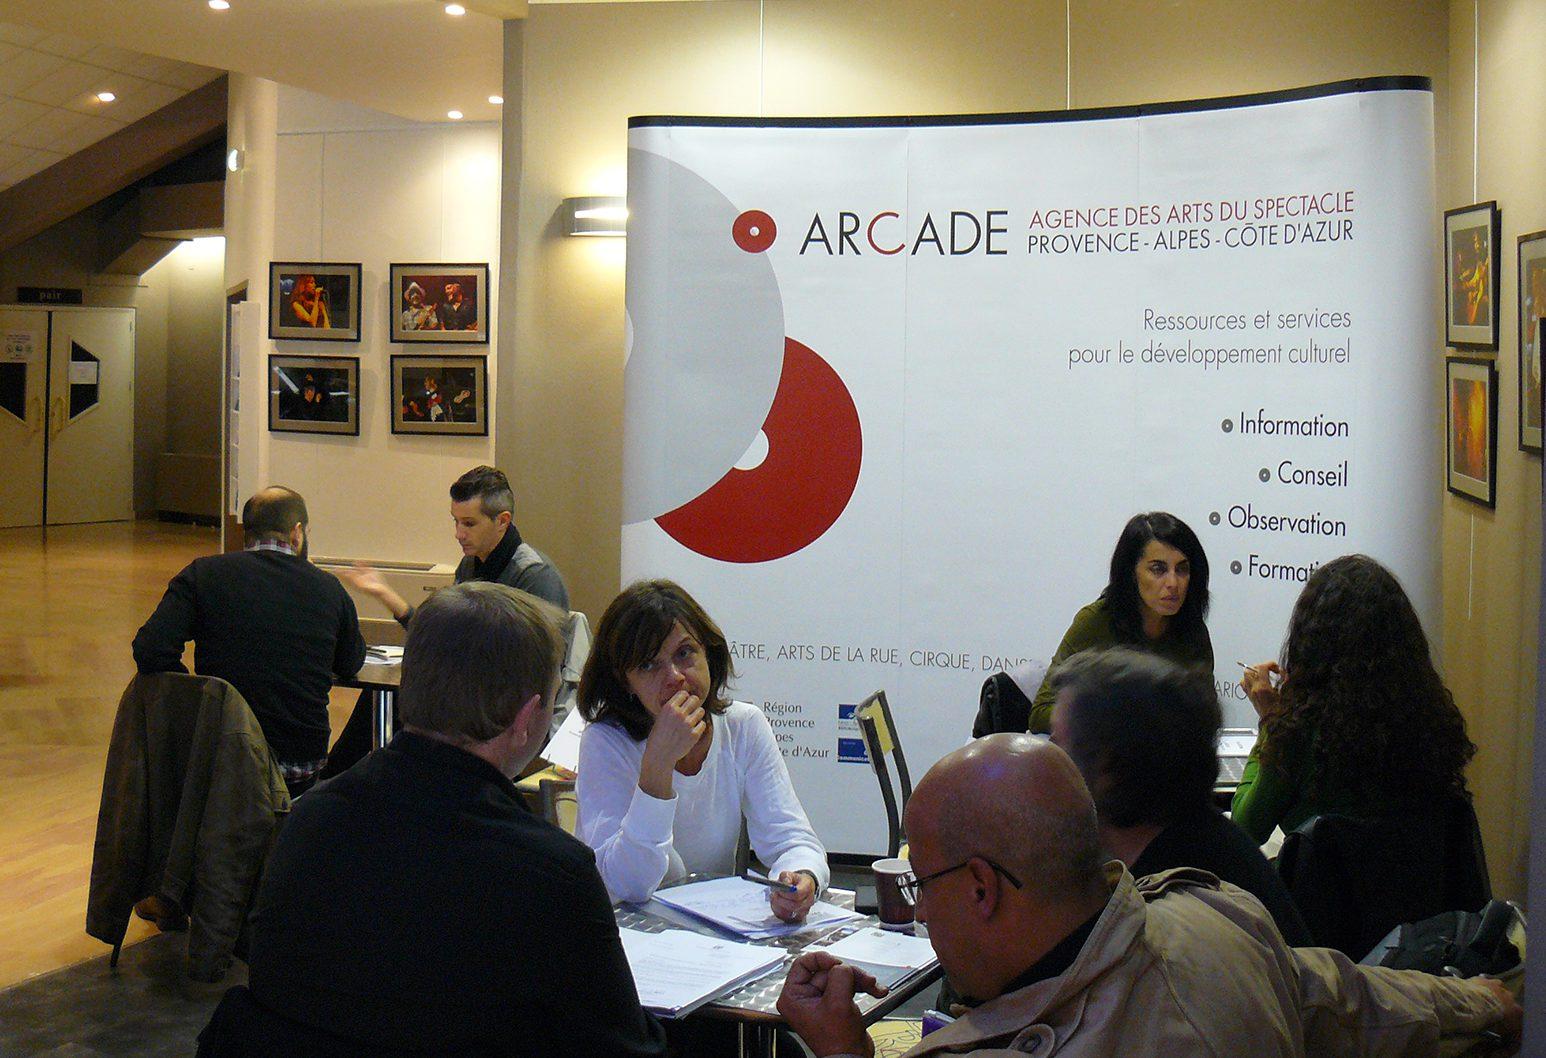 Avec l'Arcade Paca, les institutions culturelles sont à portée de projet!